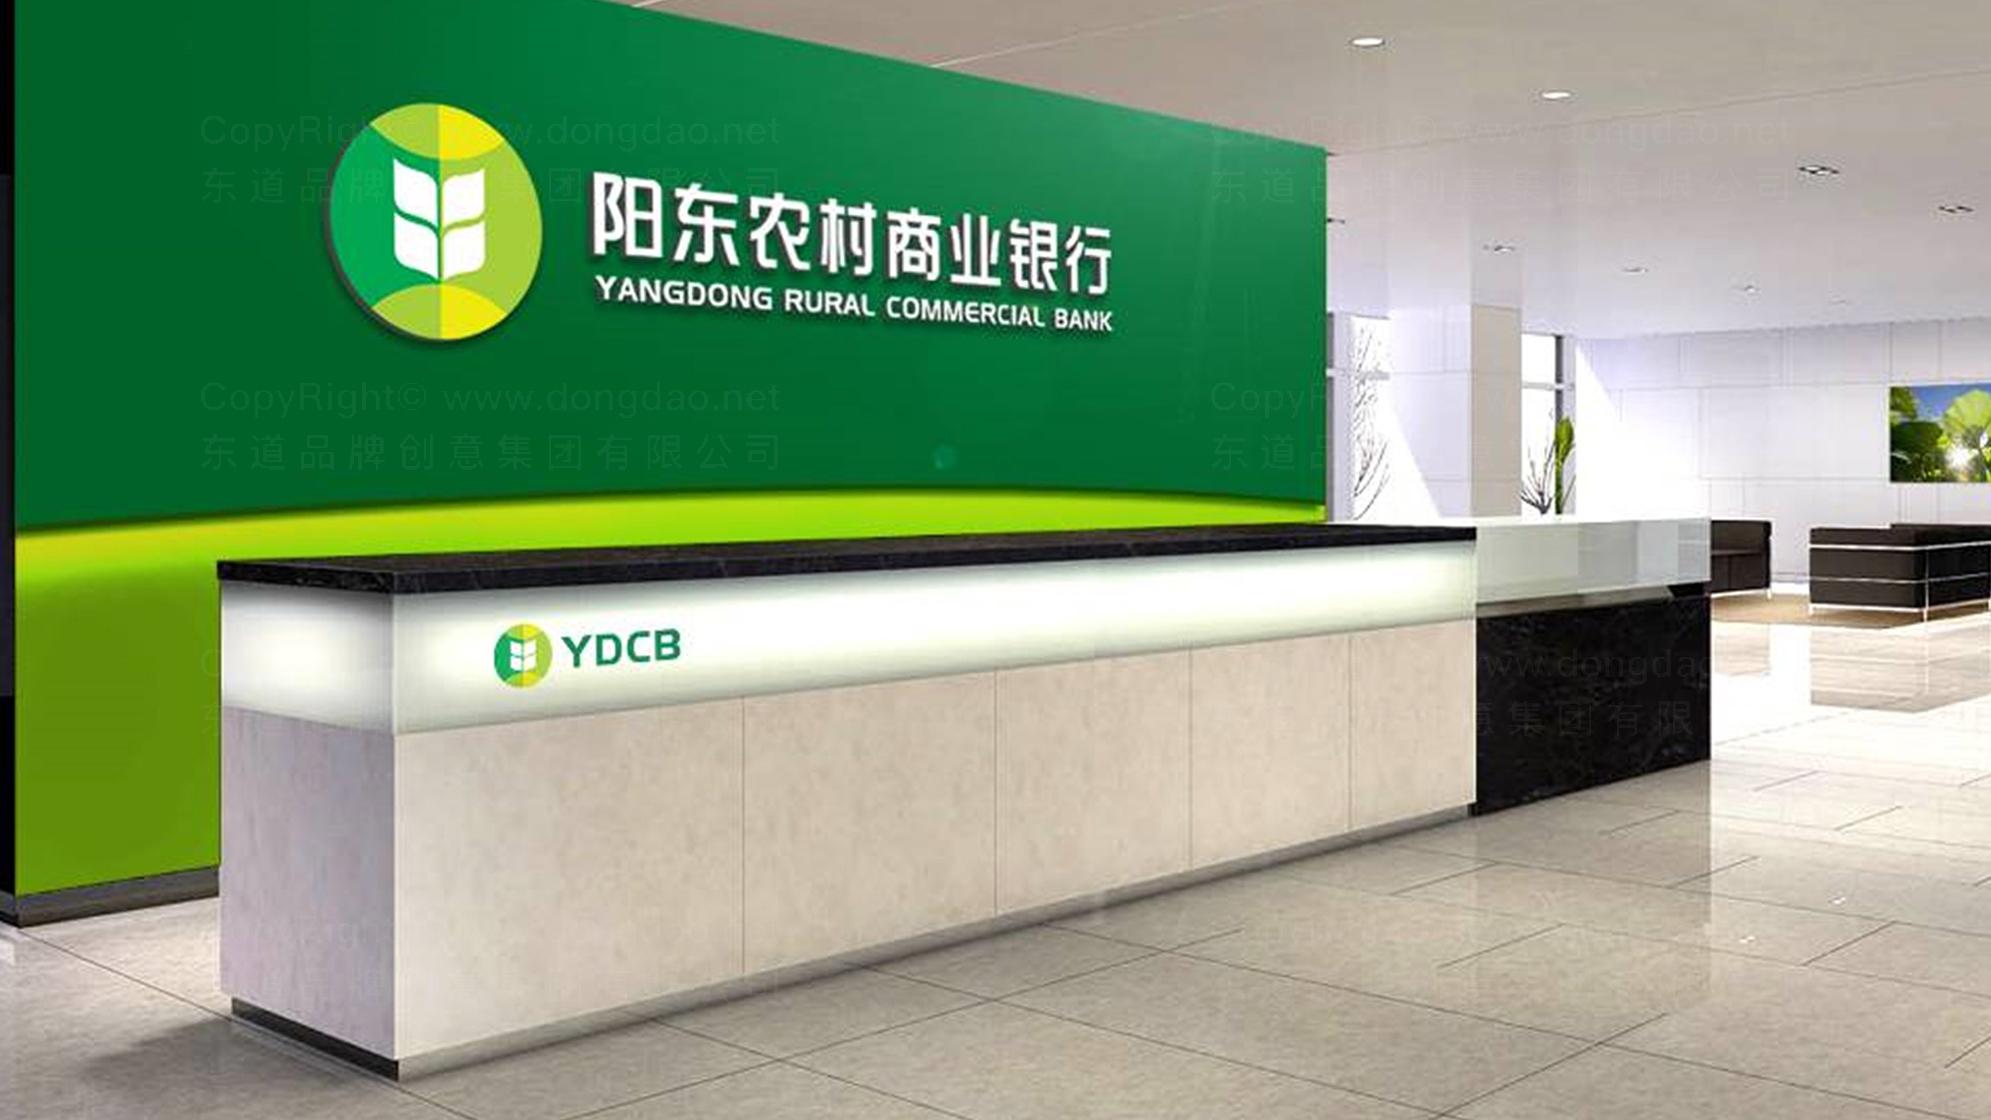 品牌设计阳东农村商业银行LOGO&VI设计应用场景_5